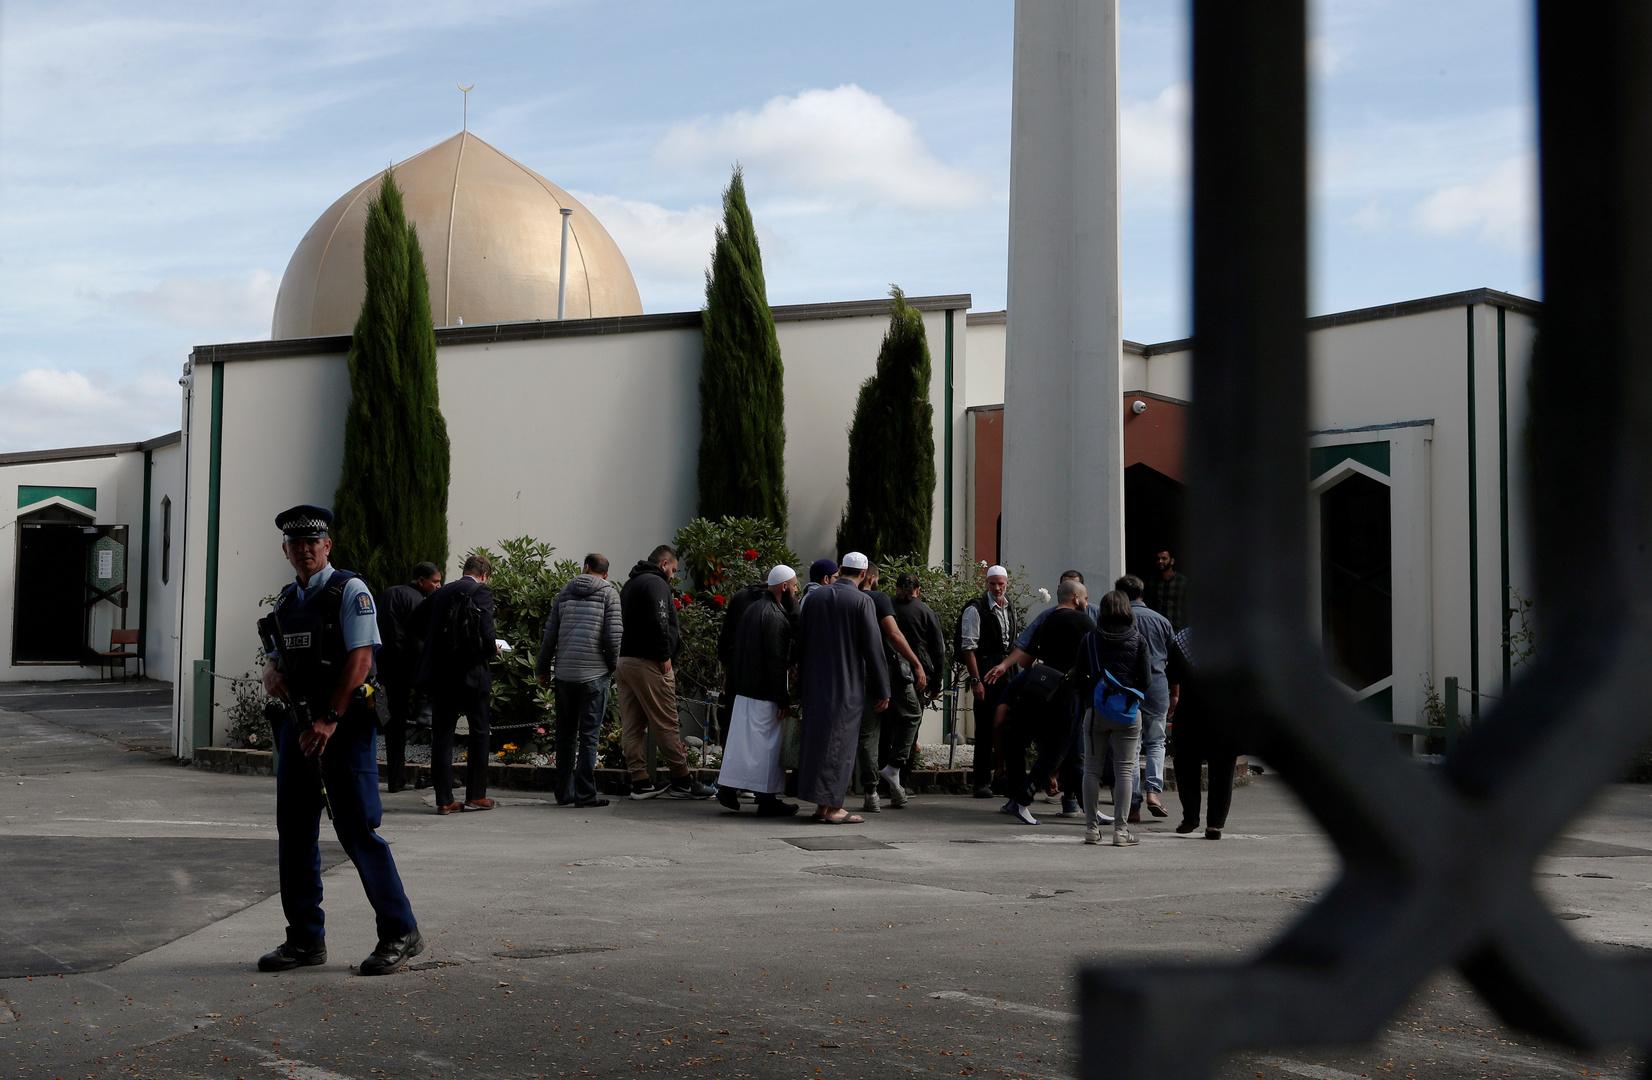 مسجد النور الذي تعرض للهجوم في كرايستشيرش